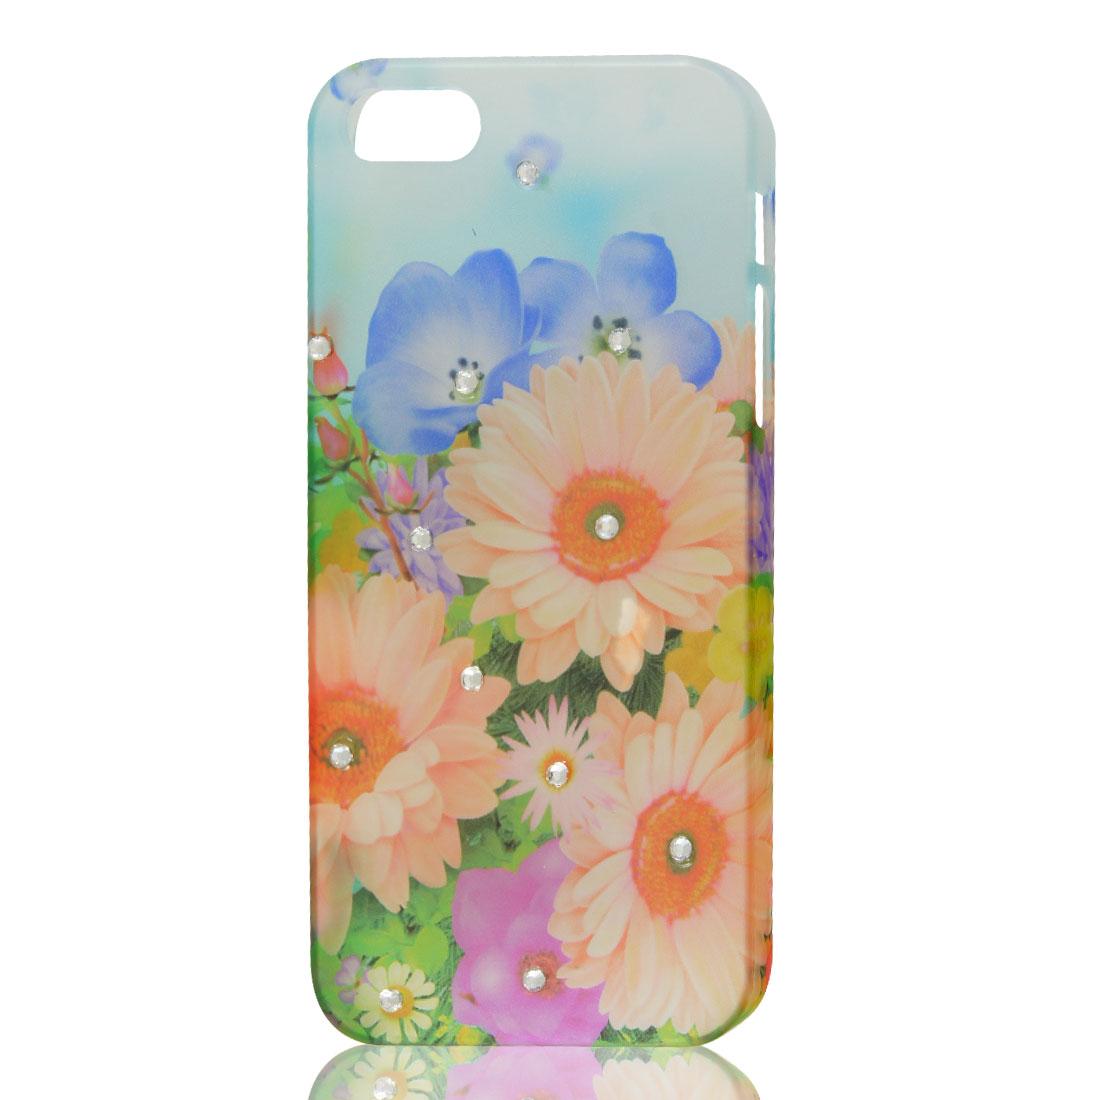 Multicolor Sunflower Bling Glitter Sparkle Rhinestone Hard Back Case Cover for iPhone 5 5G